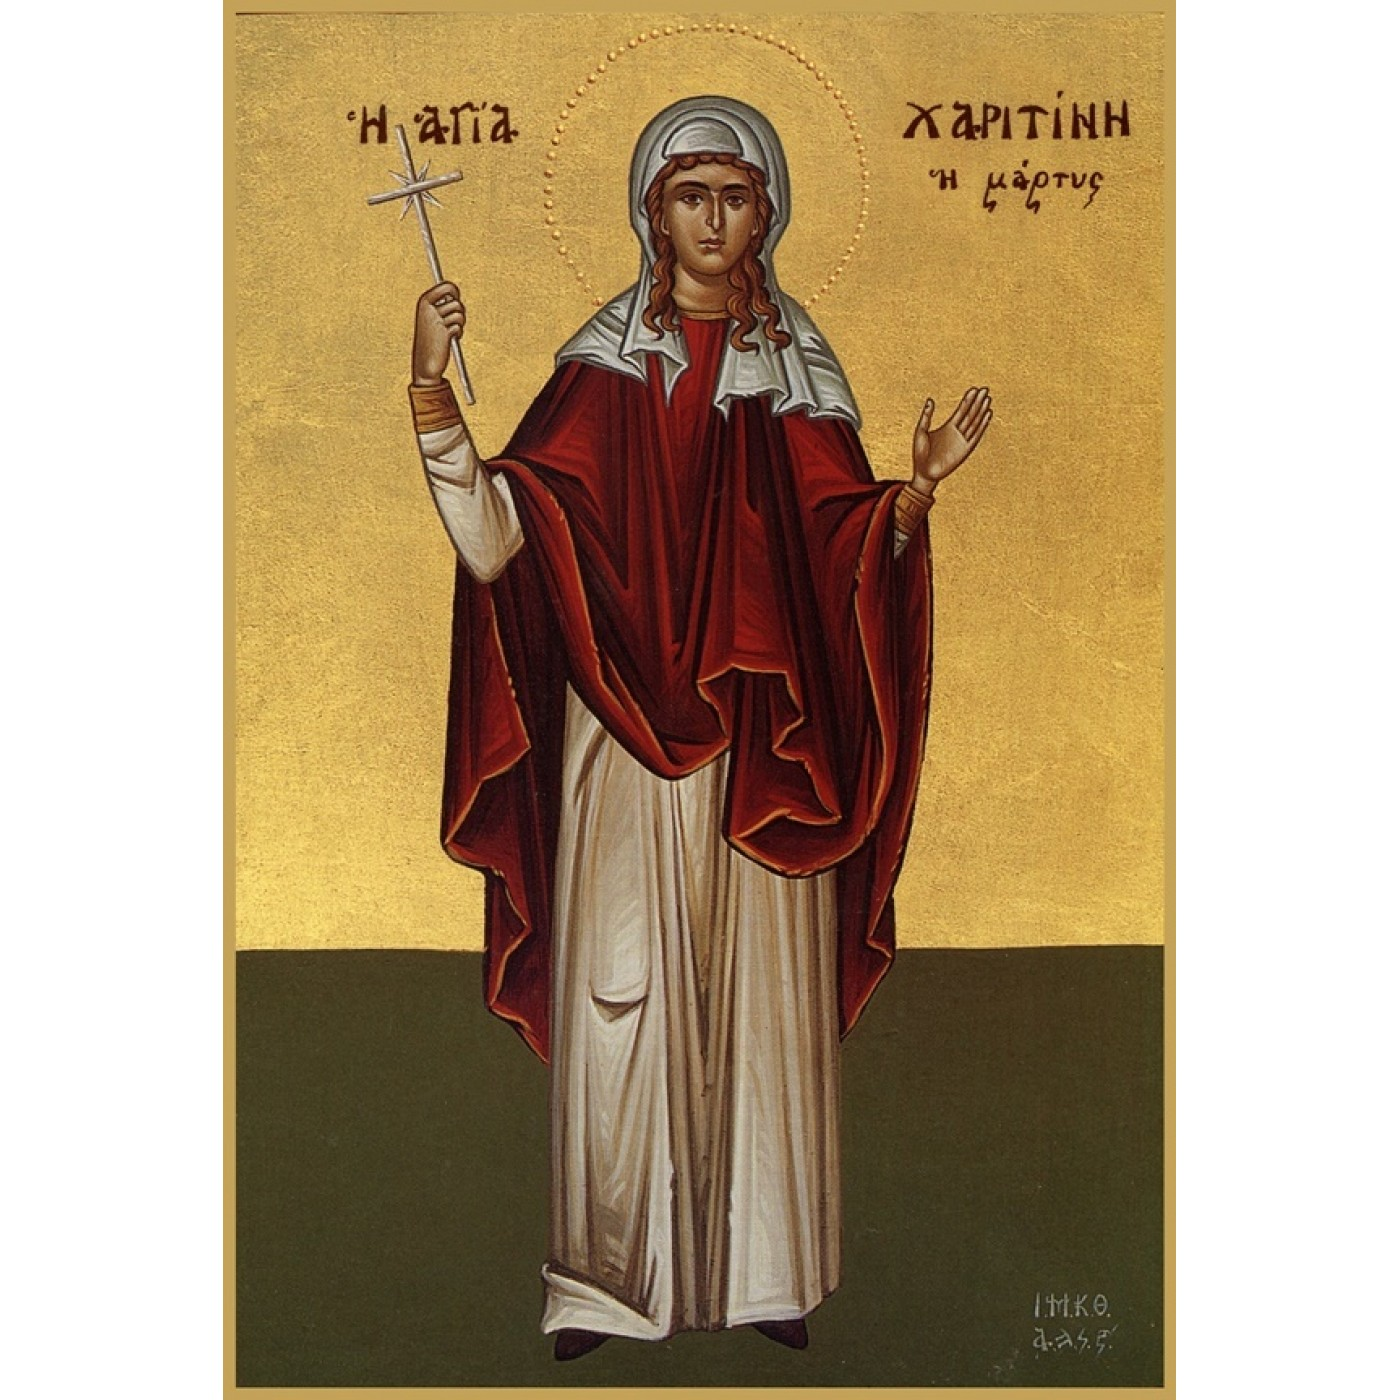 Αγία Χαριτίνη η Μάρτυς